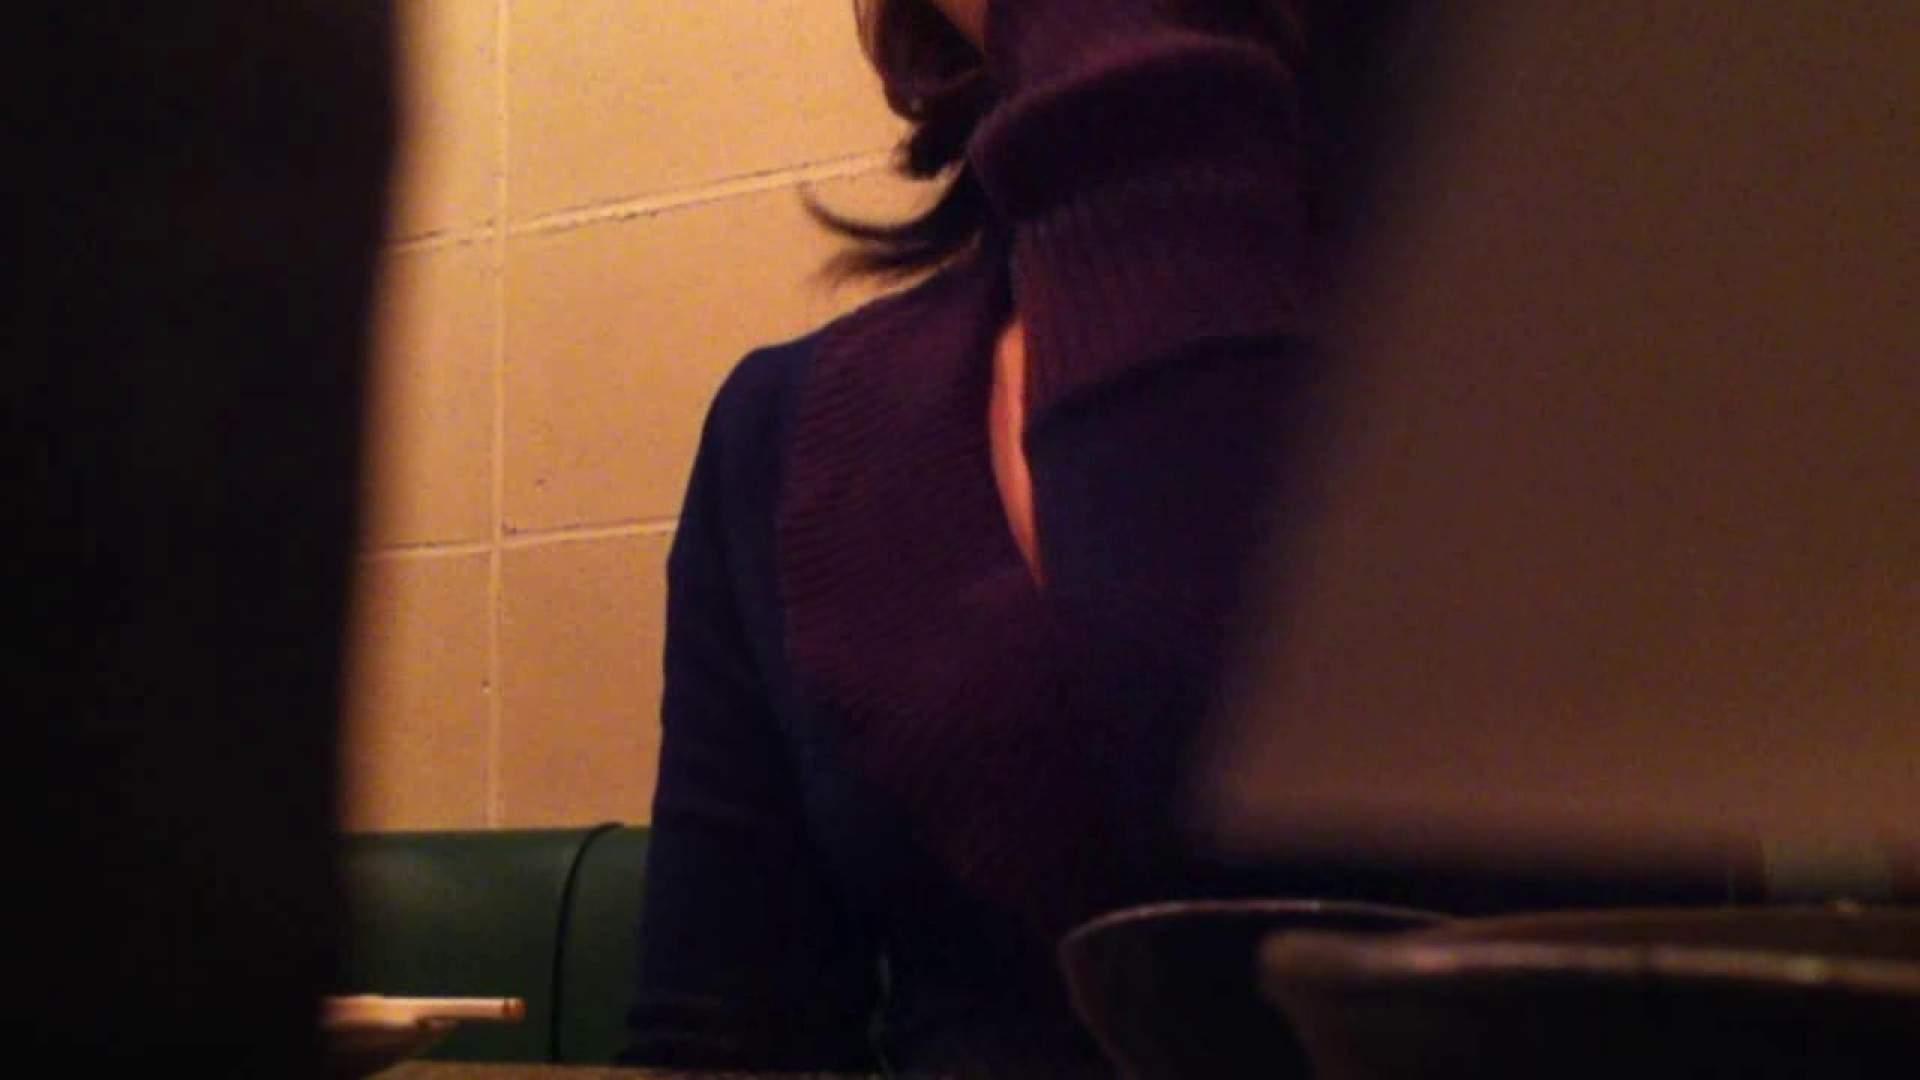 32才バツイチ子持ち現役看護婦じゅんこの変態願望Vol.1 手マン  76画像 32